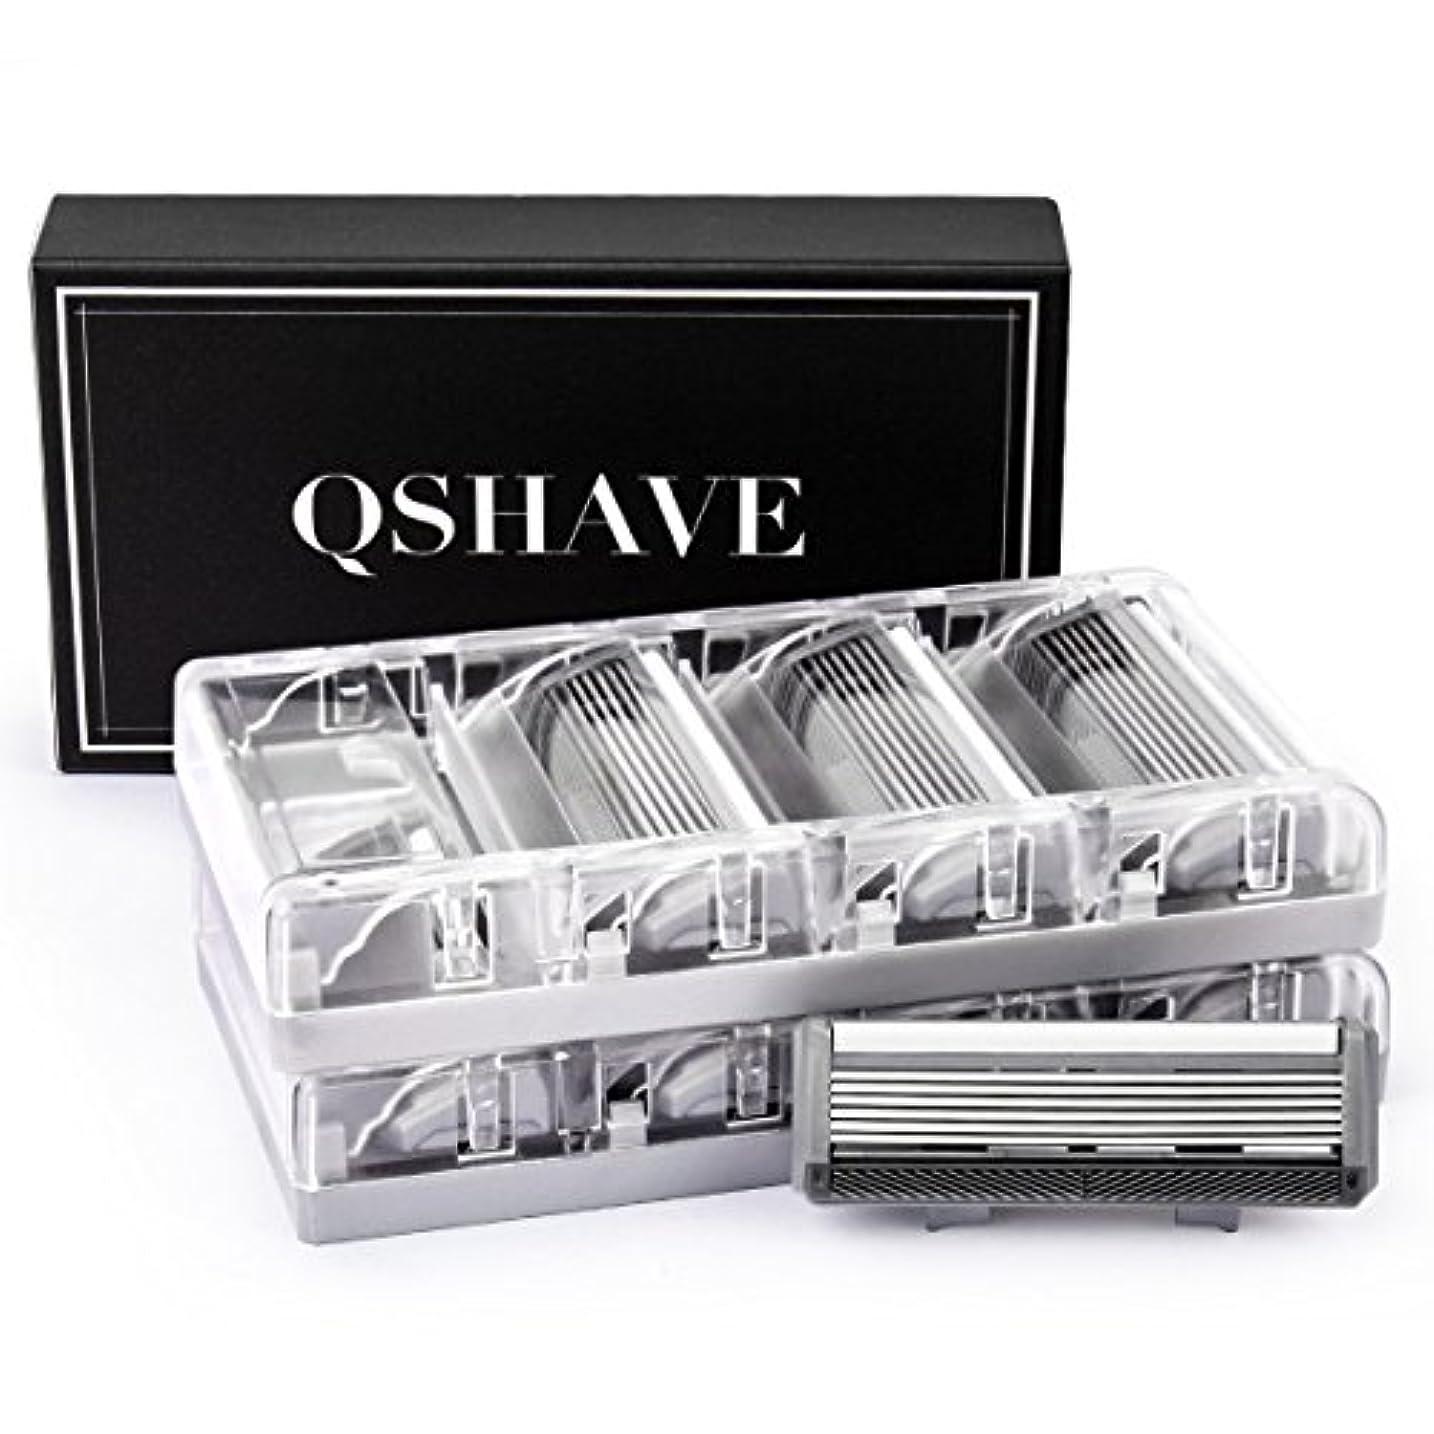 代わりにを立てるショートカット小切手QSHAVEのX6 (6枚刃) カミソリ替刃カートリッジは、トリマーがドイツ製でQSHAVEブラックシリーズのカミソリにお使いいただけます。 (8つ入り)